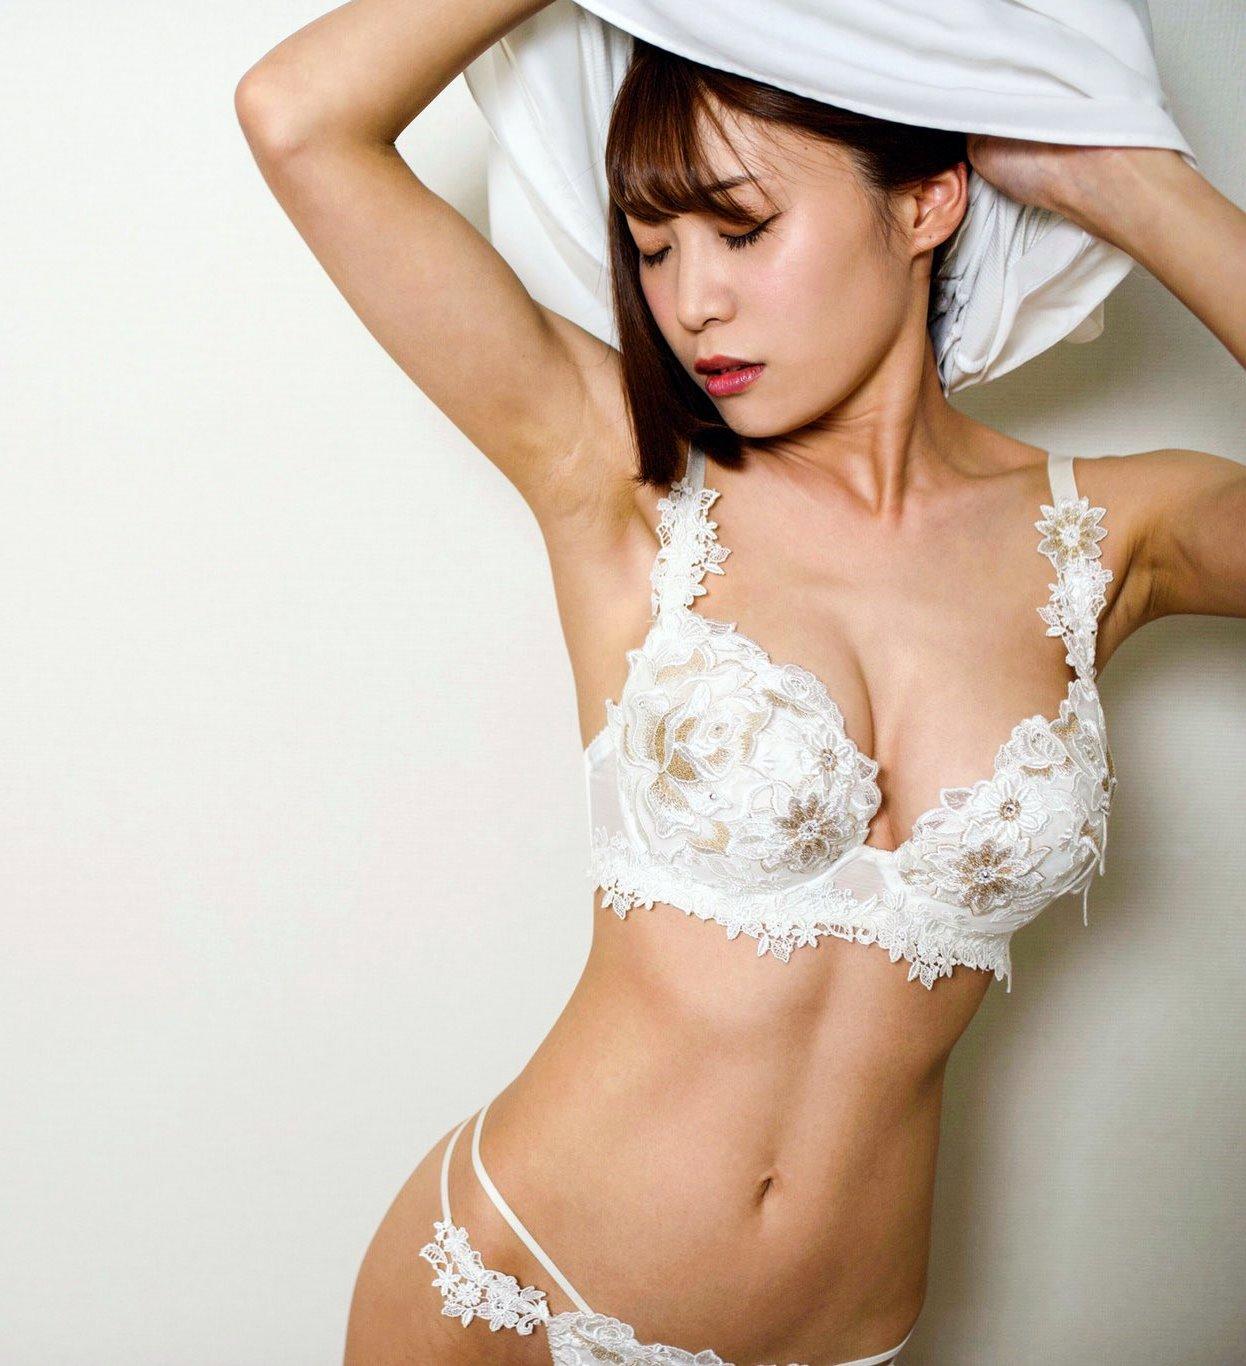 椿あまねの美腋 (5)